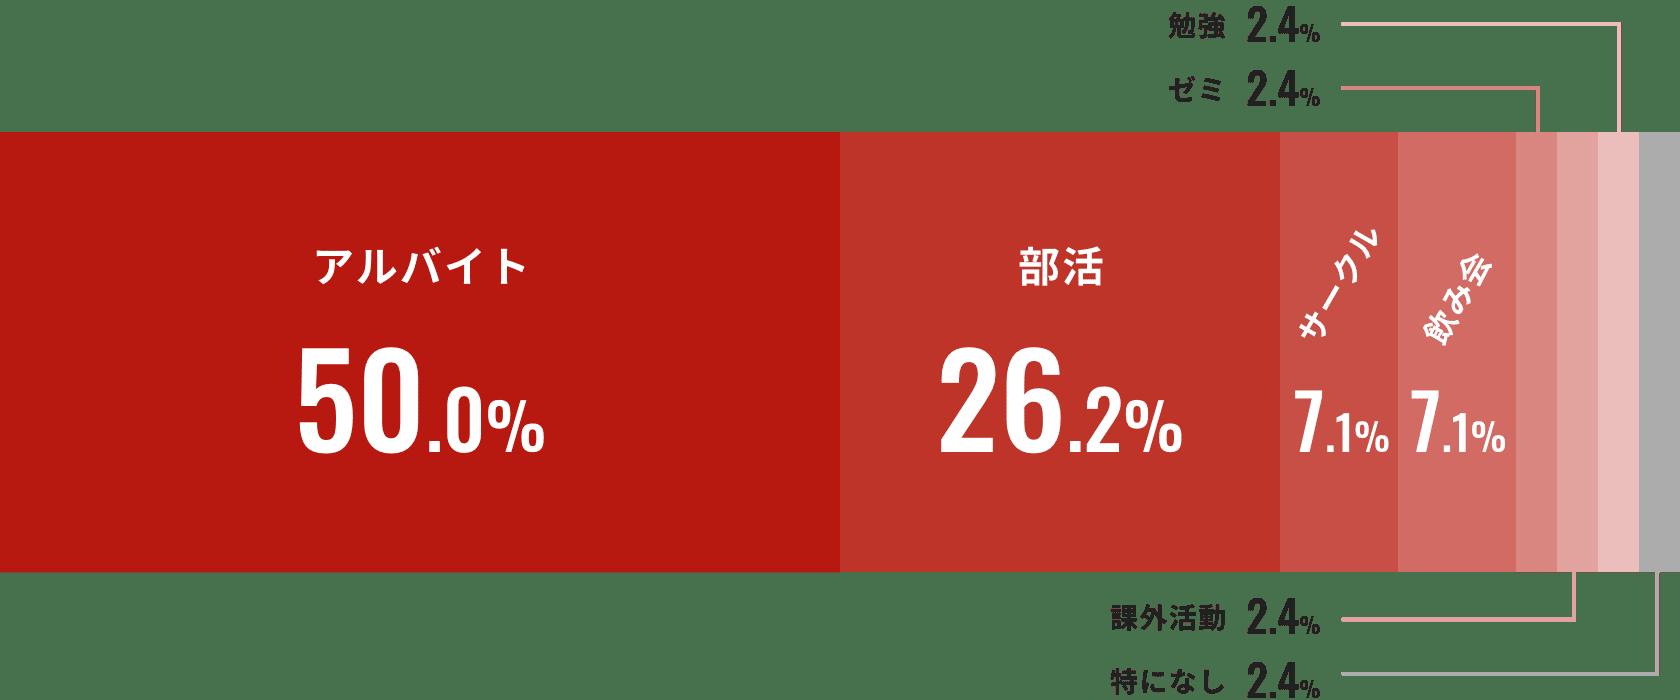 アルバイト 50%、部活 26.2%、サークル 7.1%、飲み会 7.1%、ゼミ 2.4%、課外活動 2.4%、勉強 2.4%、特になし 2.4%